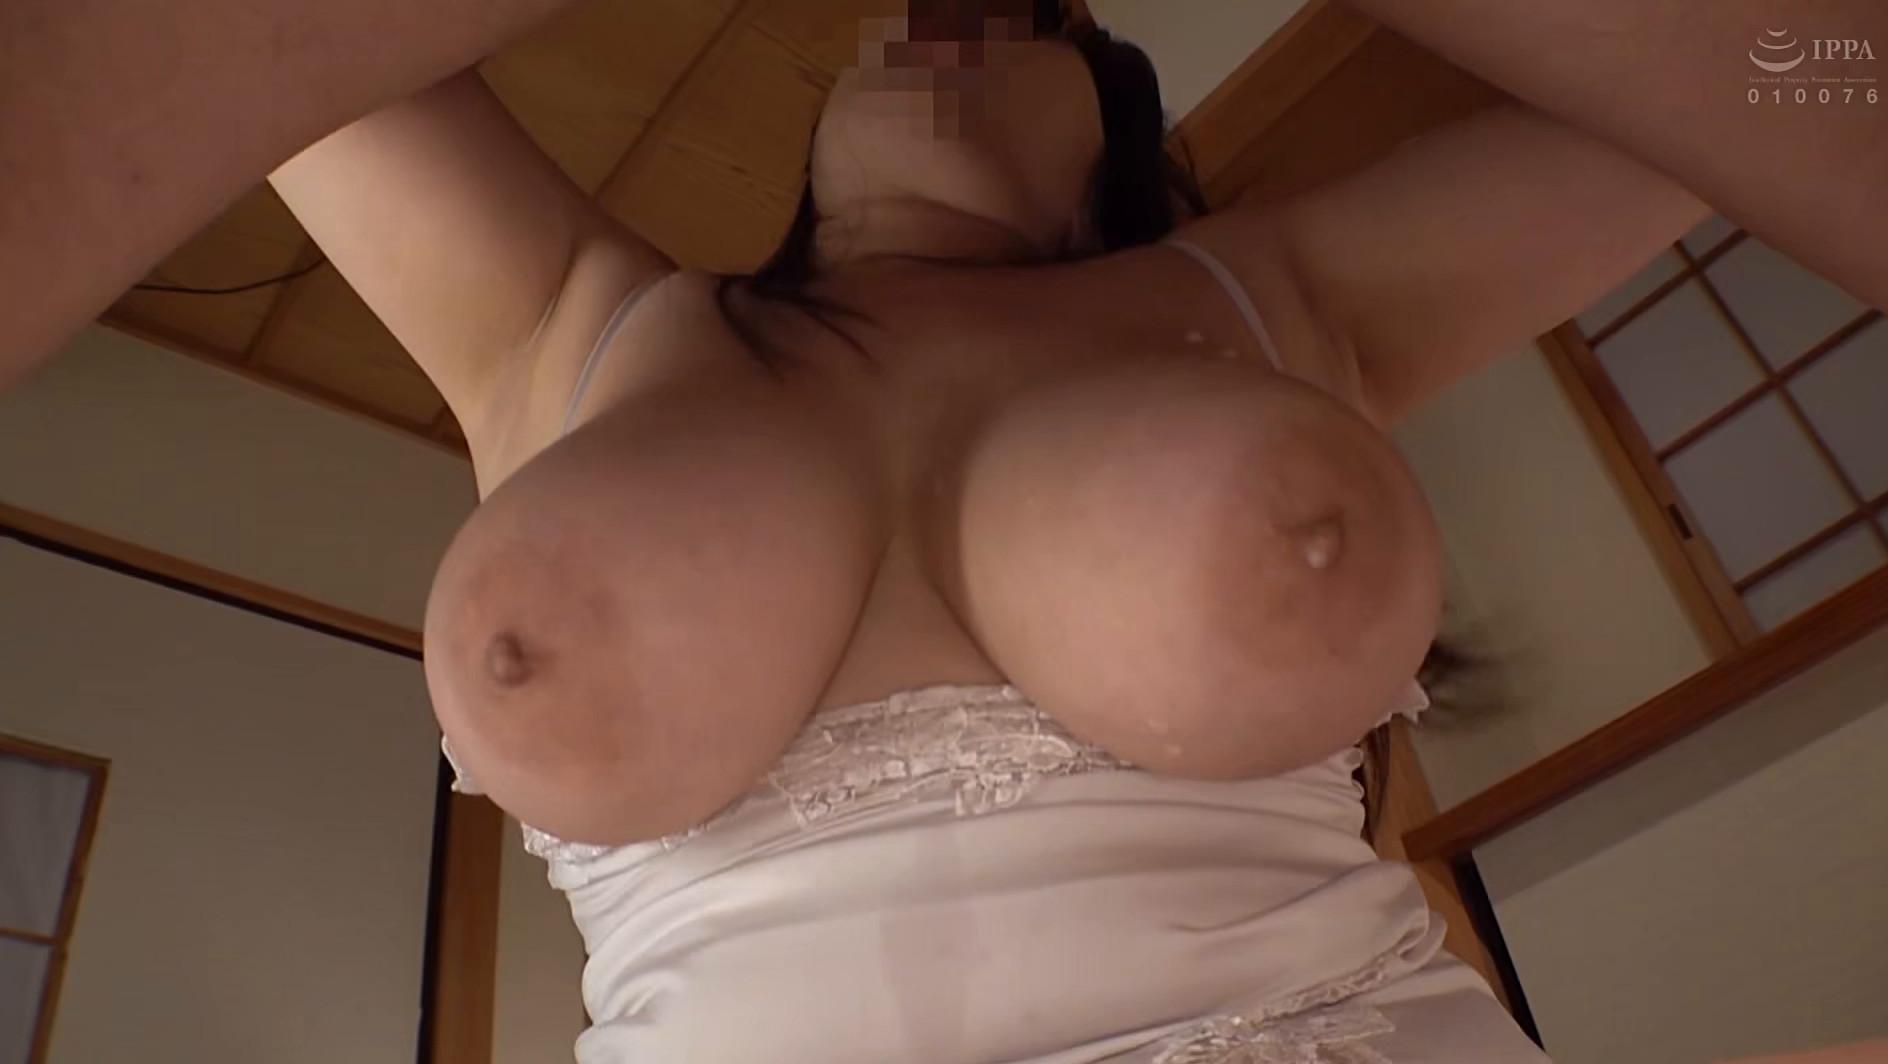 【巨乳】義母の美しい身体に我慢できない 58 画像7